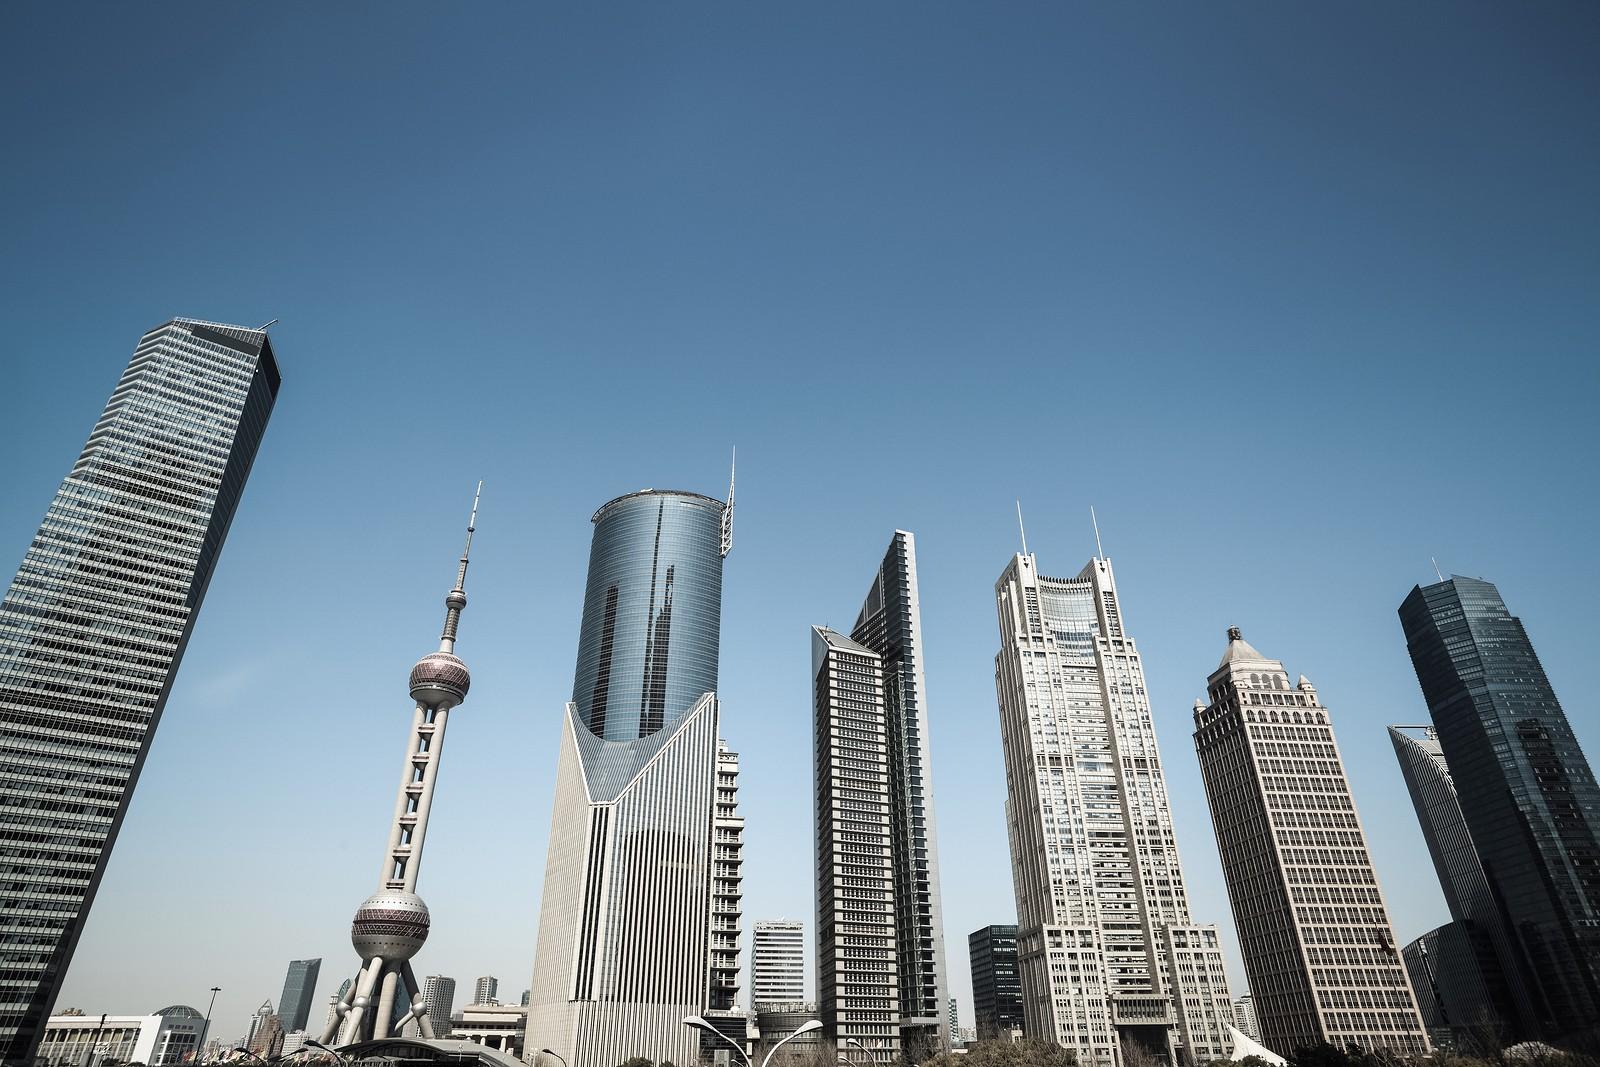 Shanghai Financial Center